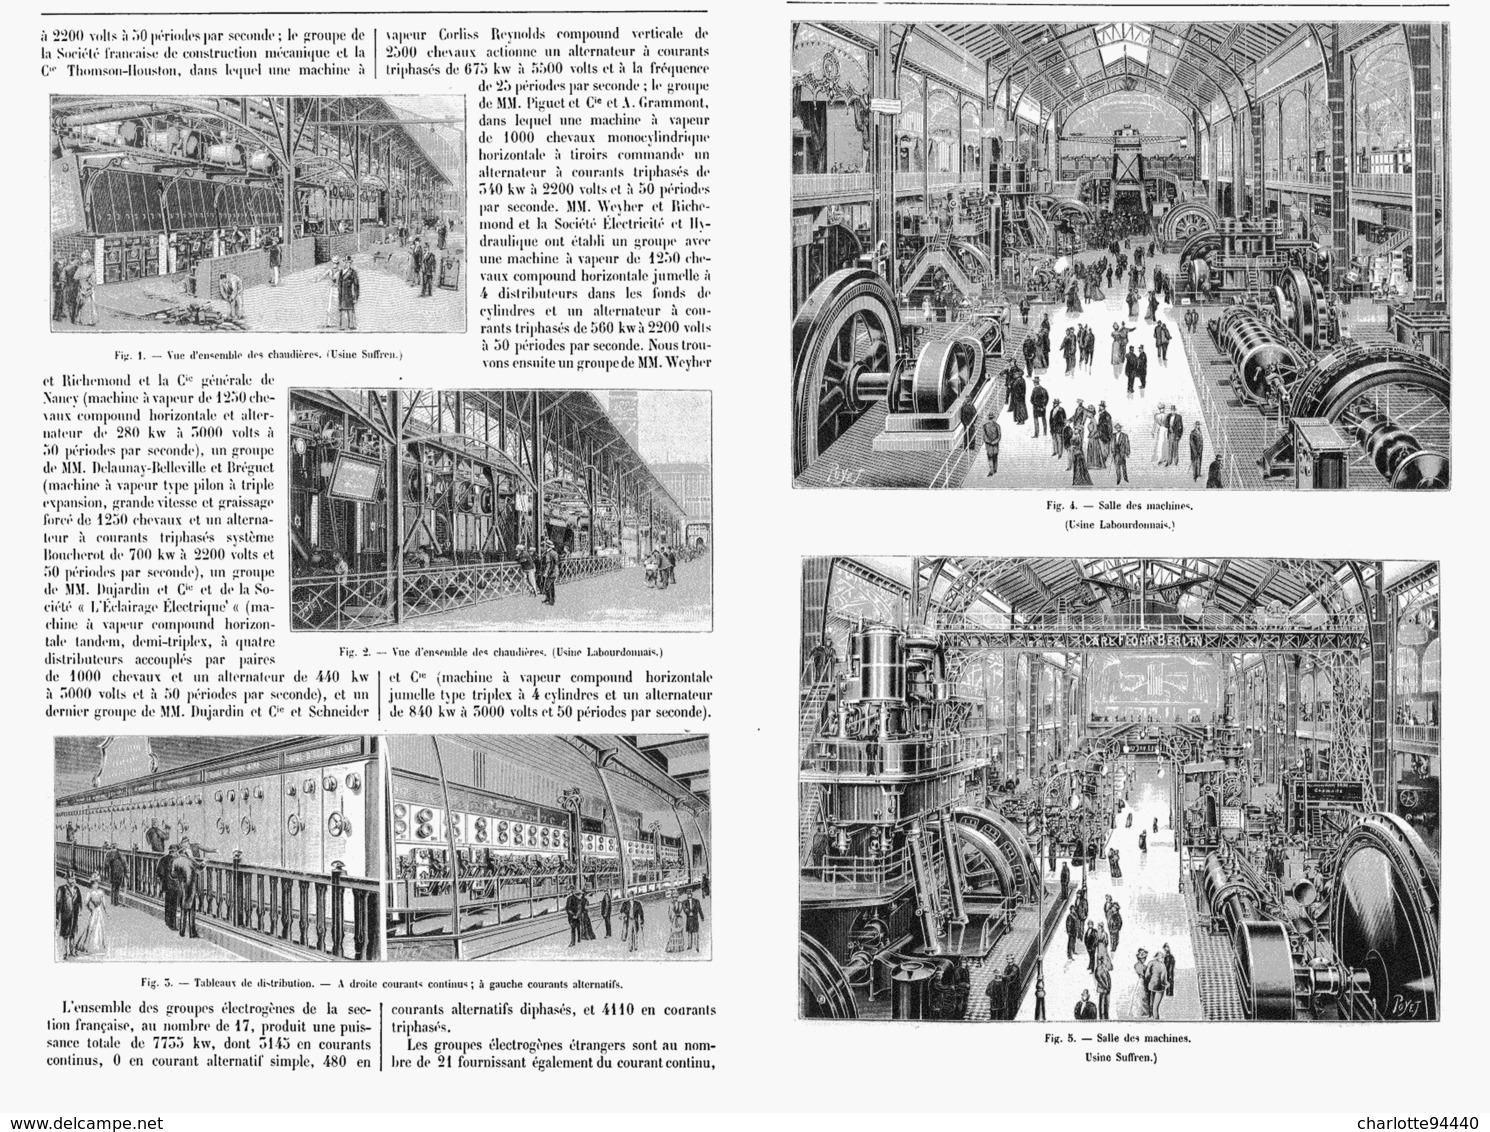 LA DISTRIBUTION De L'ENERGIE ELECTRIQUE  à L'EXPOSITION UNIVERSELLE DE  1900 - Technical